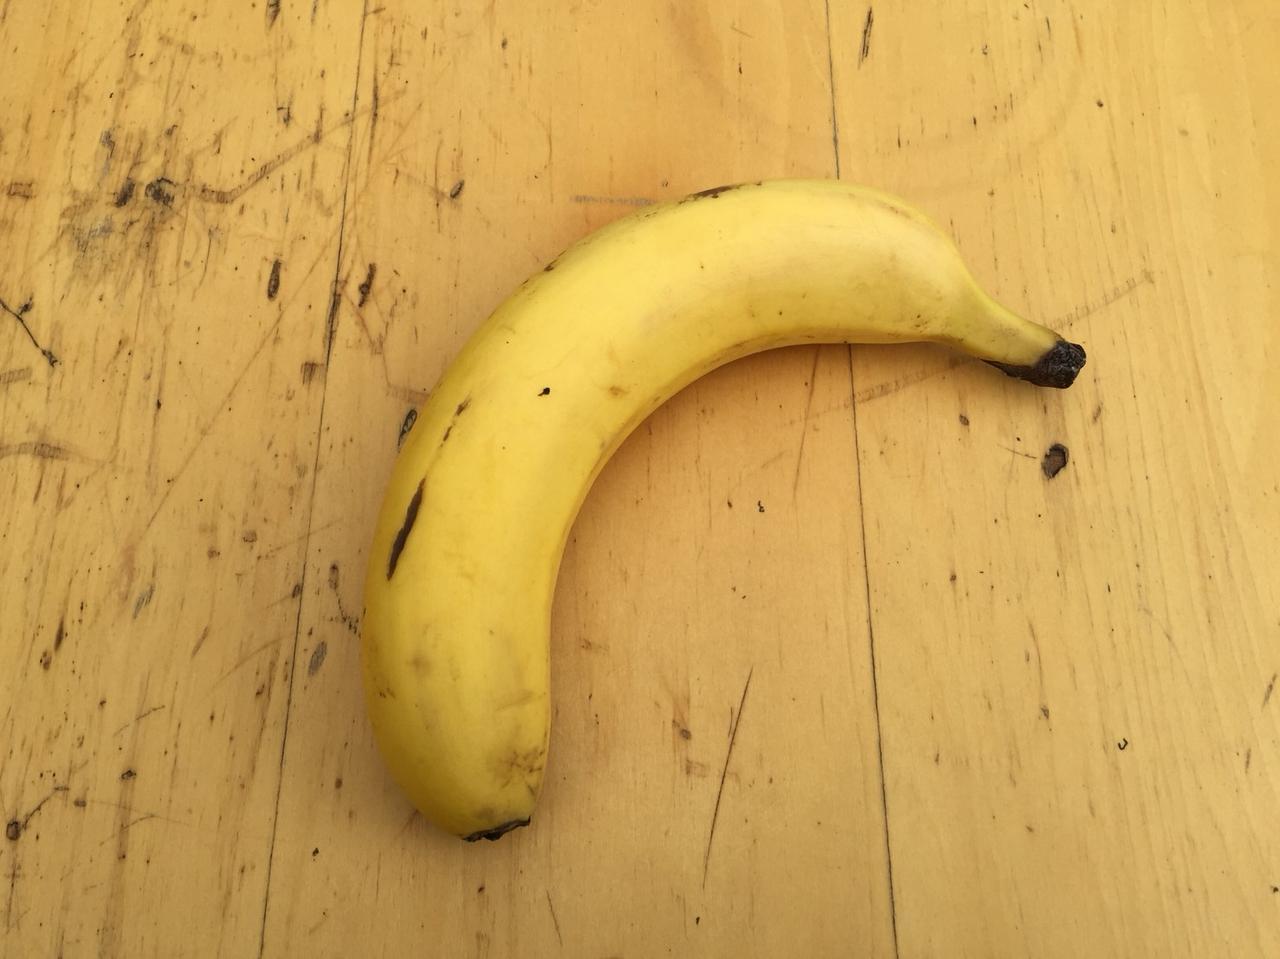 画像: 筆者撮影 どこにでもあるバナナ